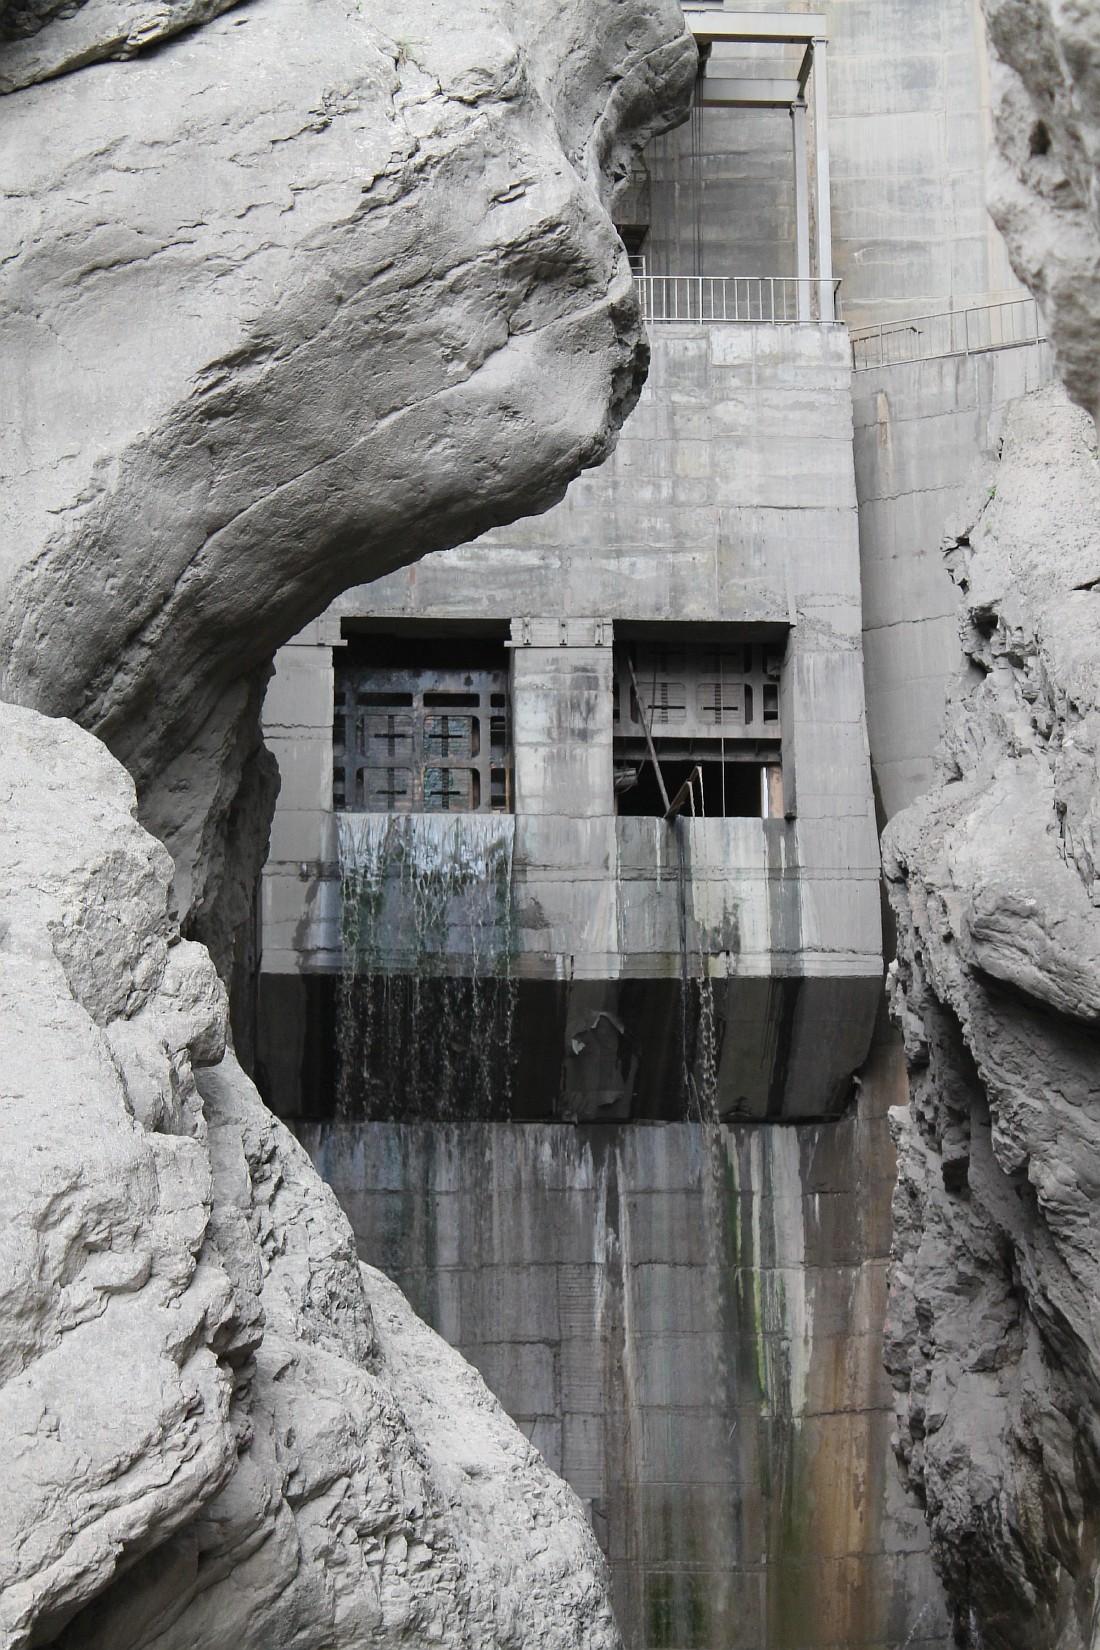 Дагестан, Аксанов Нияз, блог-тур, kukmor, фотография, Россия, ГЭС, гидроэнергетика, Гунибская ГЭС, Русгидро, 2012г,  of IMG_7507